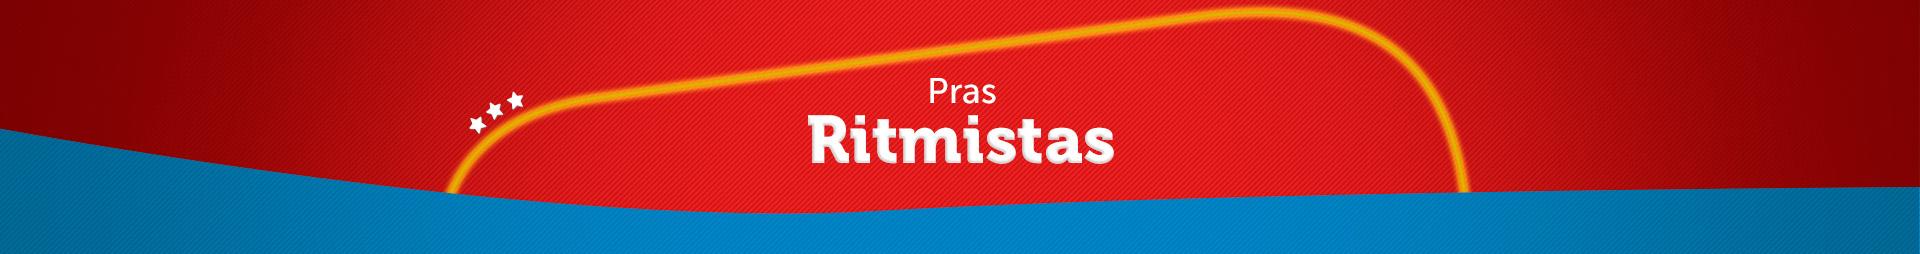 ritmistas